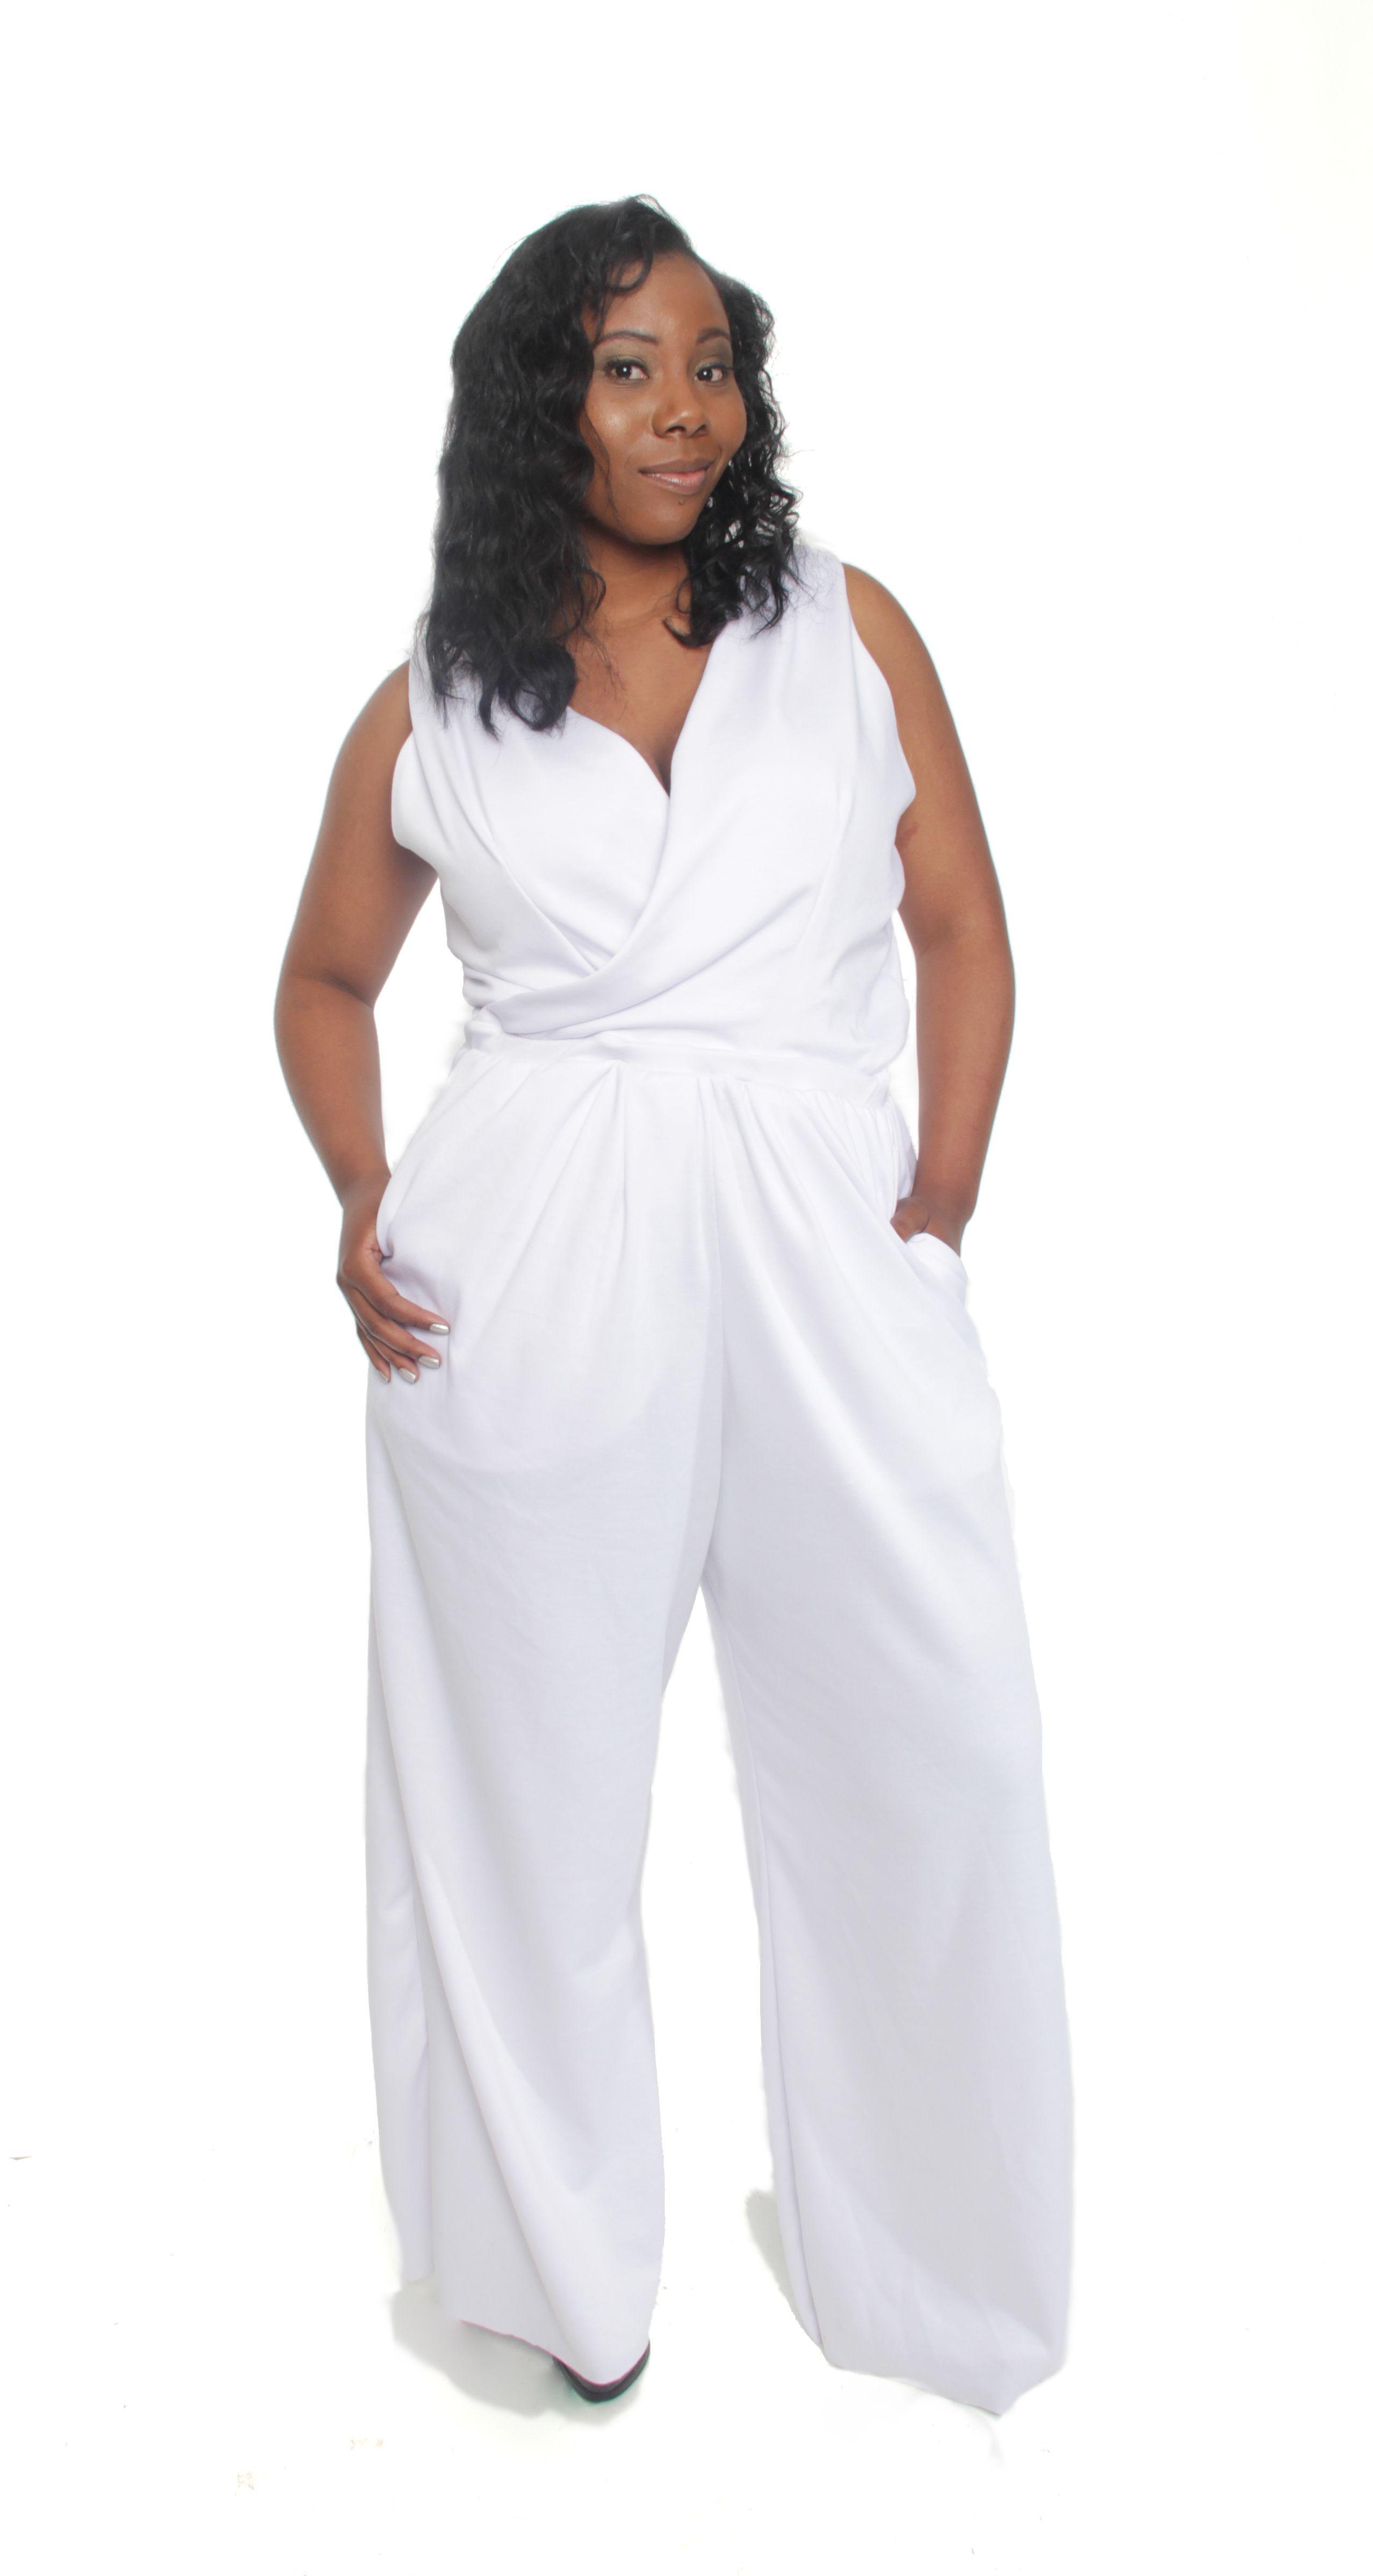 7fcddf7235c Plus SIze Jumpsuit Annette Lea | Clothes | Fashion, Plus size white ...